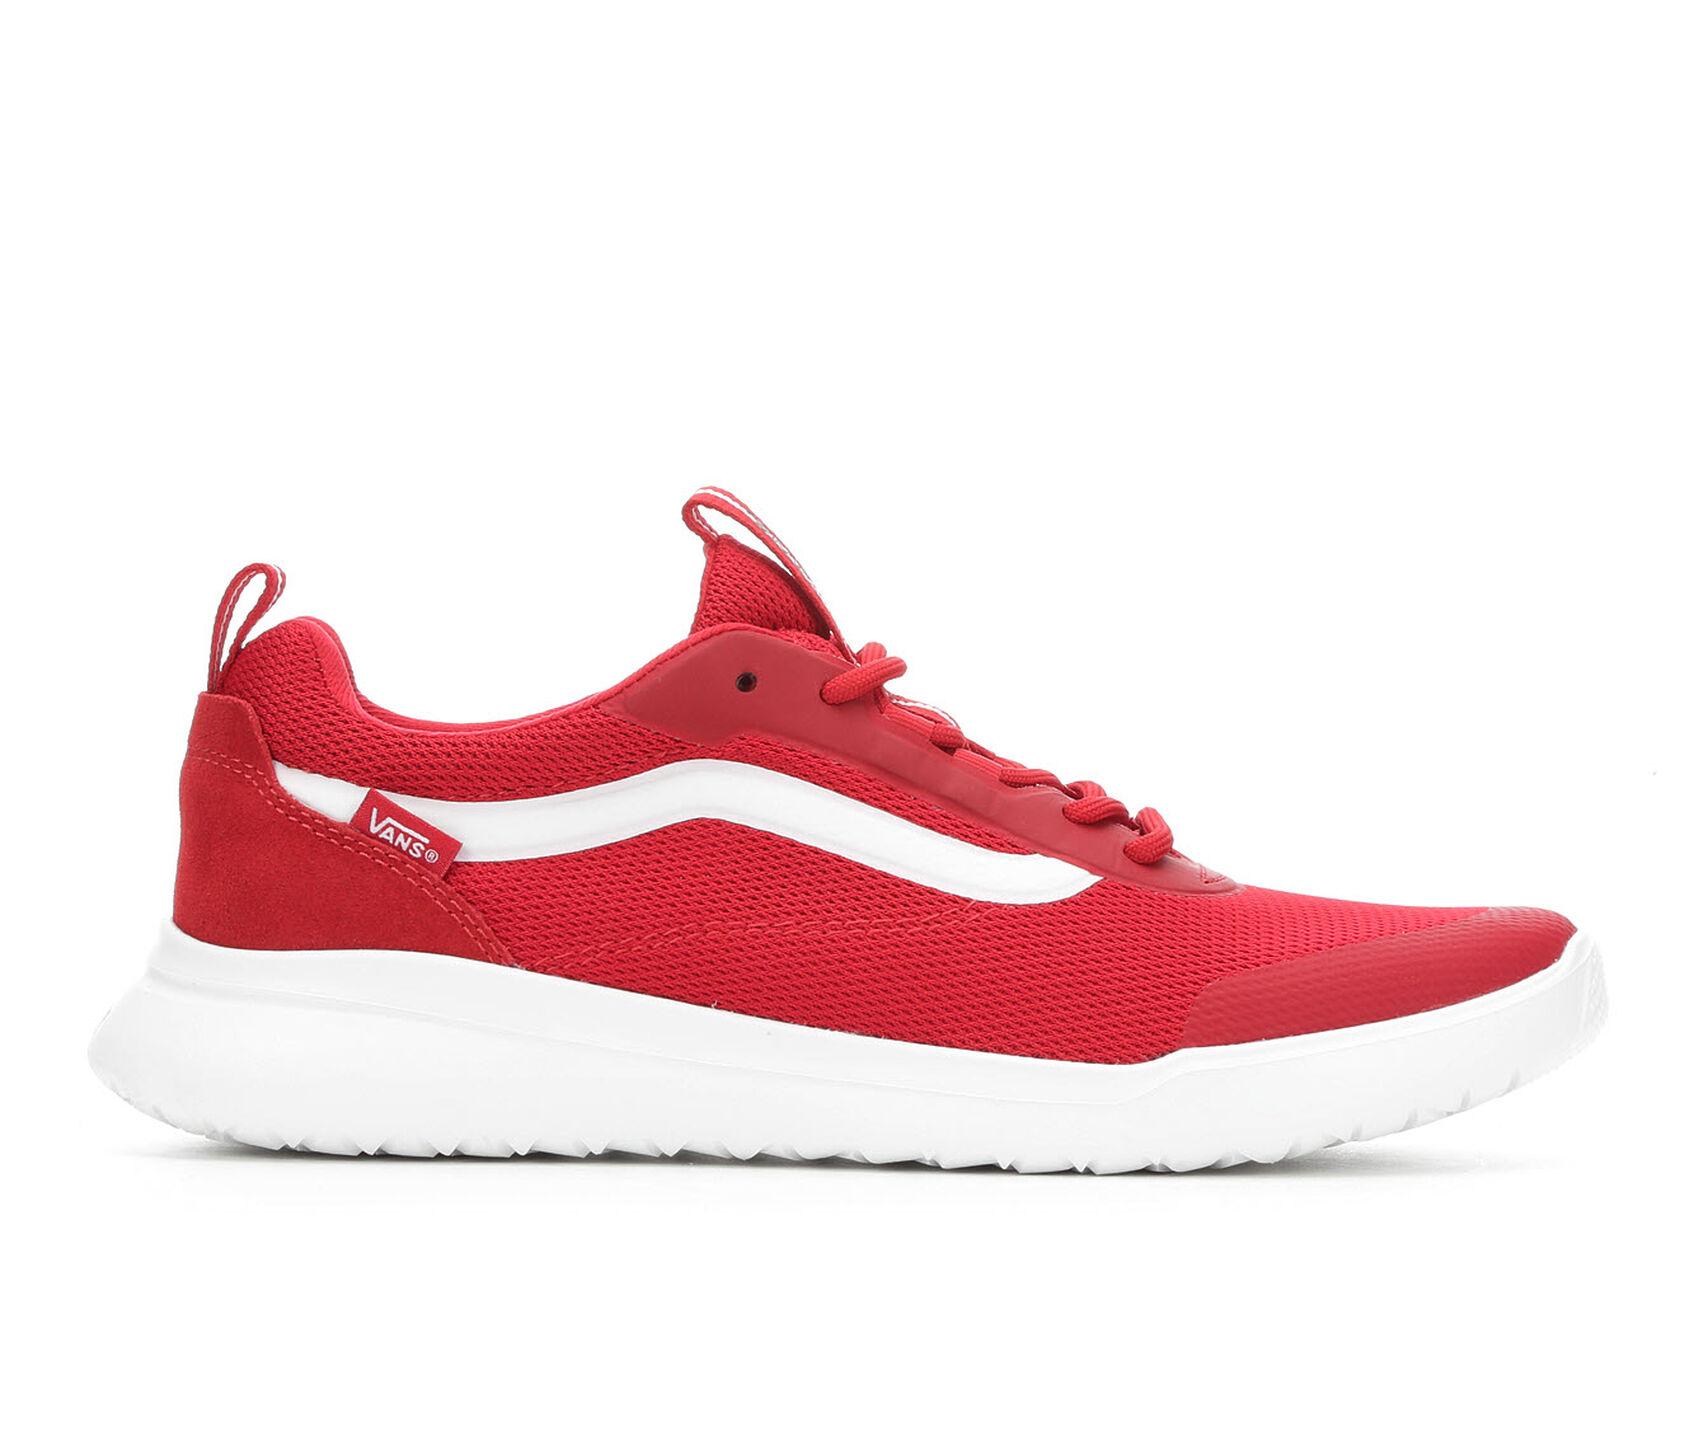 quality design 4a9ab 50b00 Men s Vans Cerus RW-M Skate Shoes   Shoe Carnival